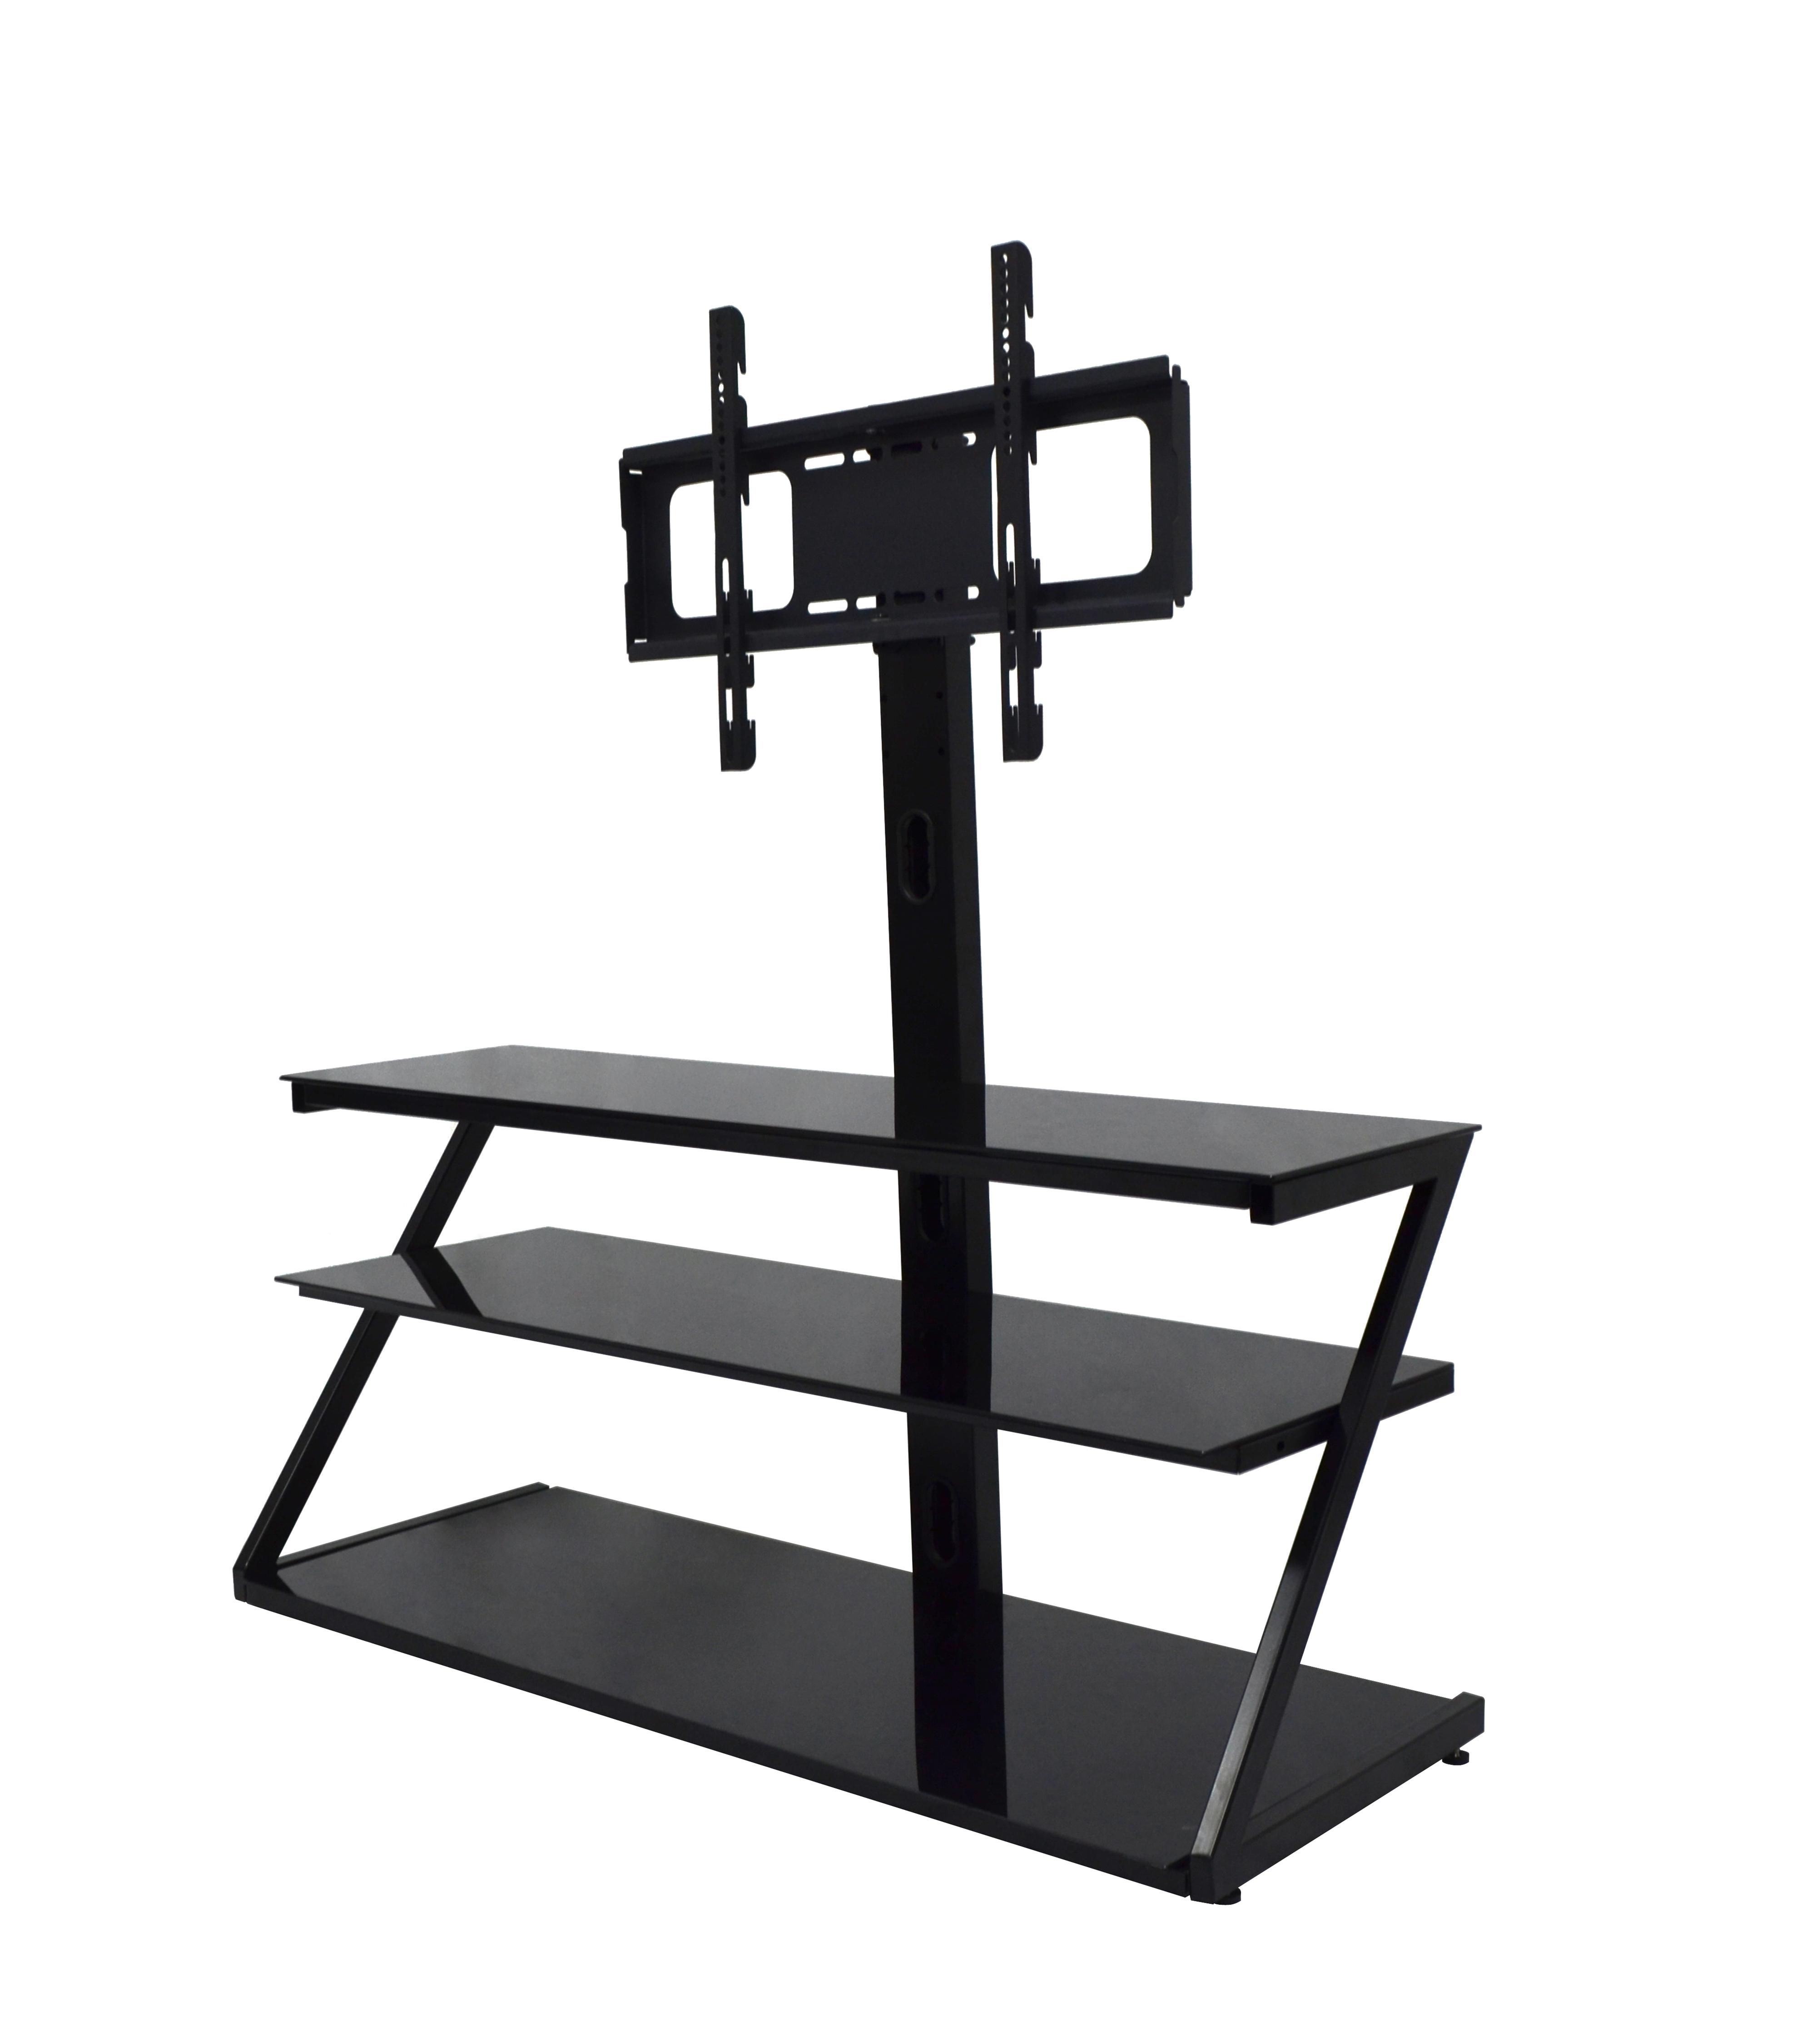 उच्च पुनर्खरीद दरों आधुनिक टेबल टीवी स्टैंड फर्नीचर कमरे में रहने वाले/फर्नीचर टीवी स्टैंड कैबिनेट आधुनिक